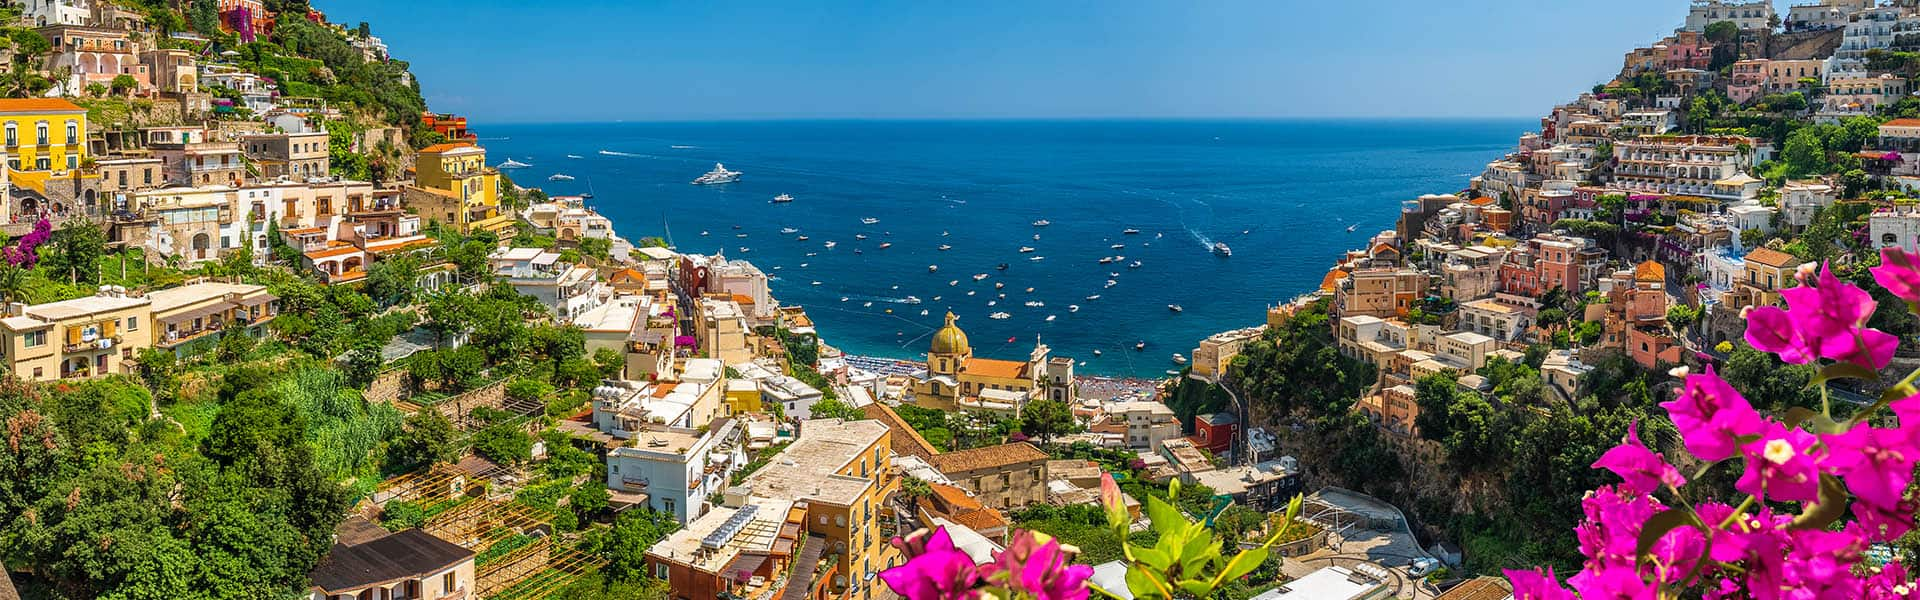 El Mediterráneo: islas griegas e Italia